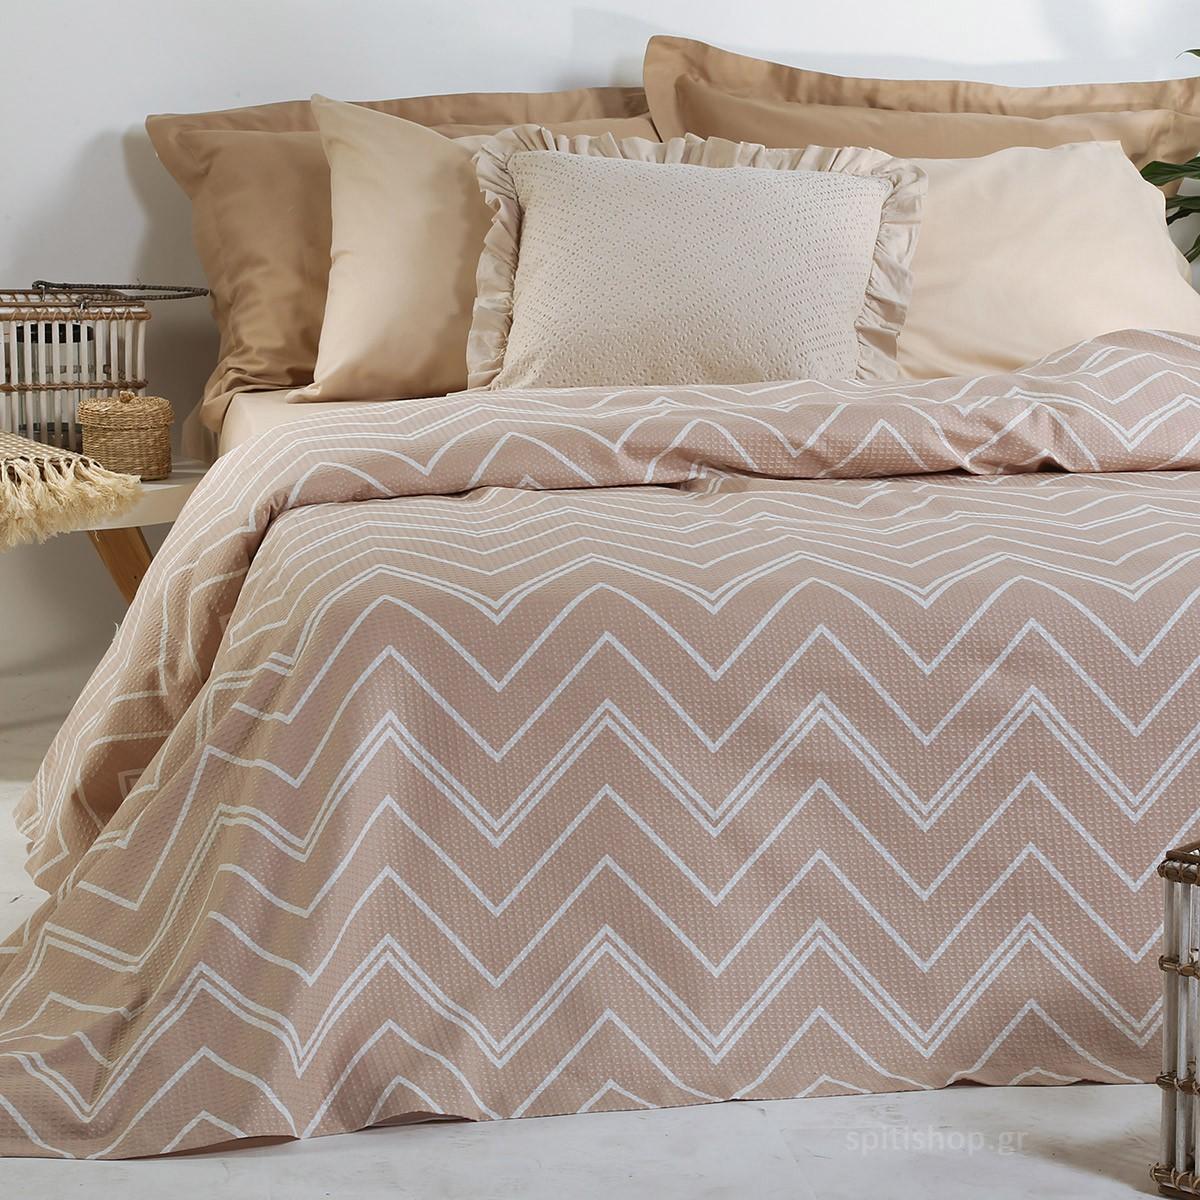 Κουβερτόριο Μονό Nef-Nef Vetta Beige home   κρεβατοκάμαρα   κουβέρτες   κουβέρτες καλοκαιρινές μονές